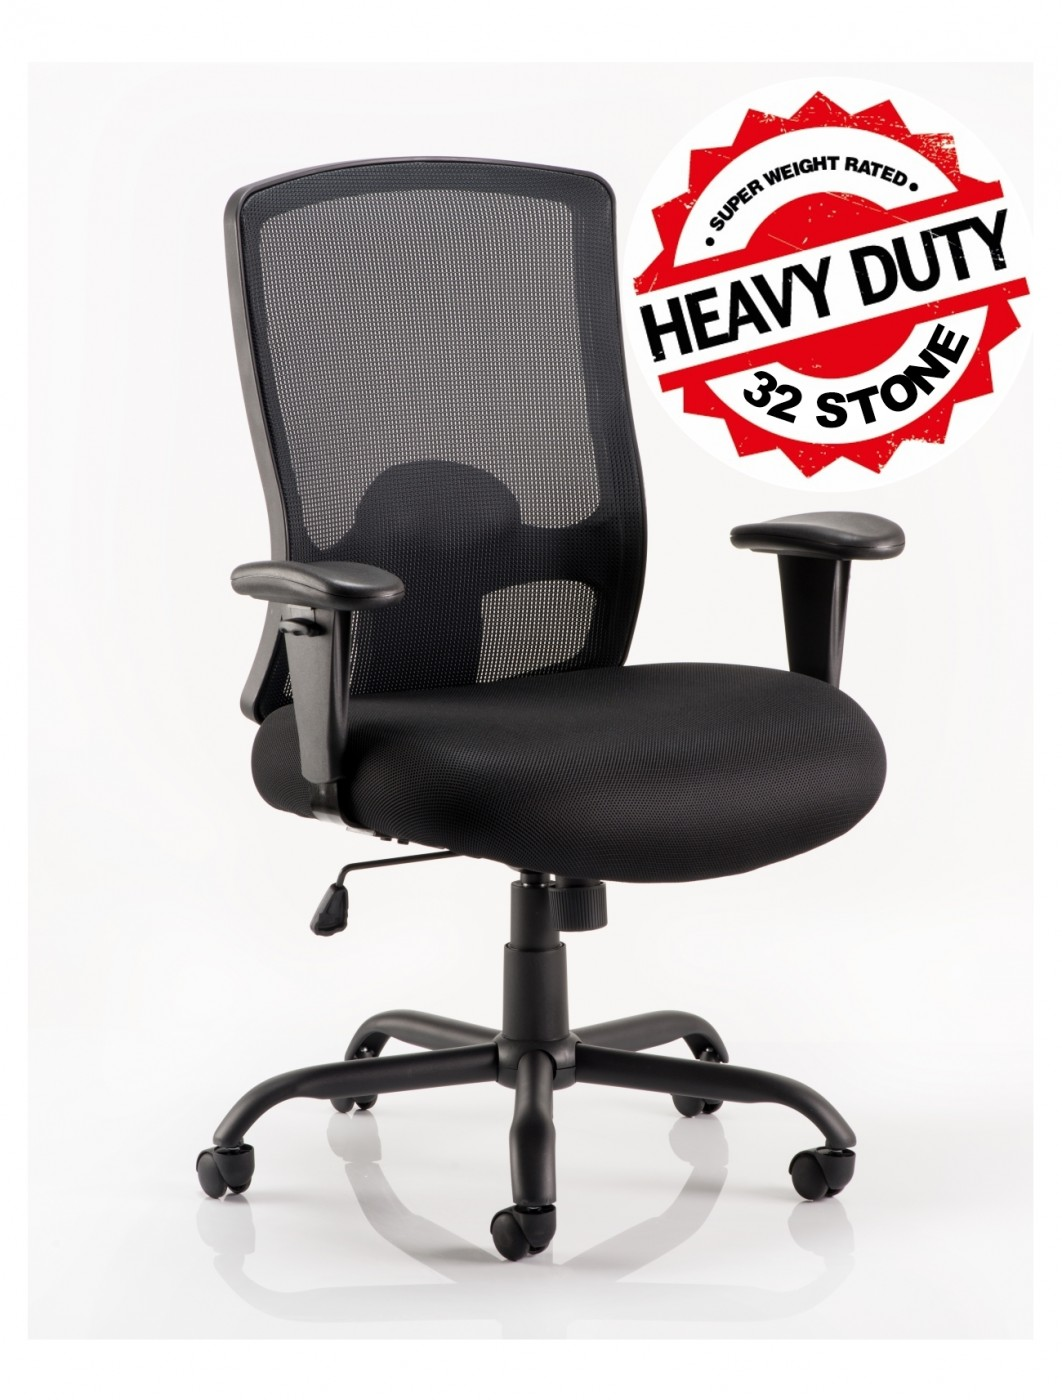 dynamic portland hd super heavy duty mesh chair op000106 121 office furniture